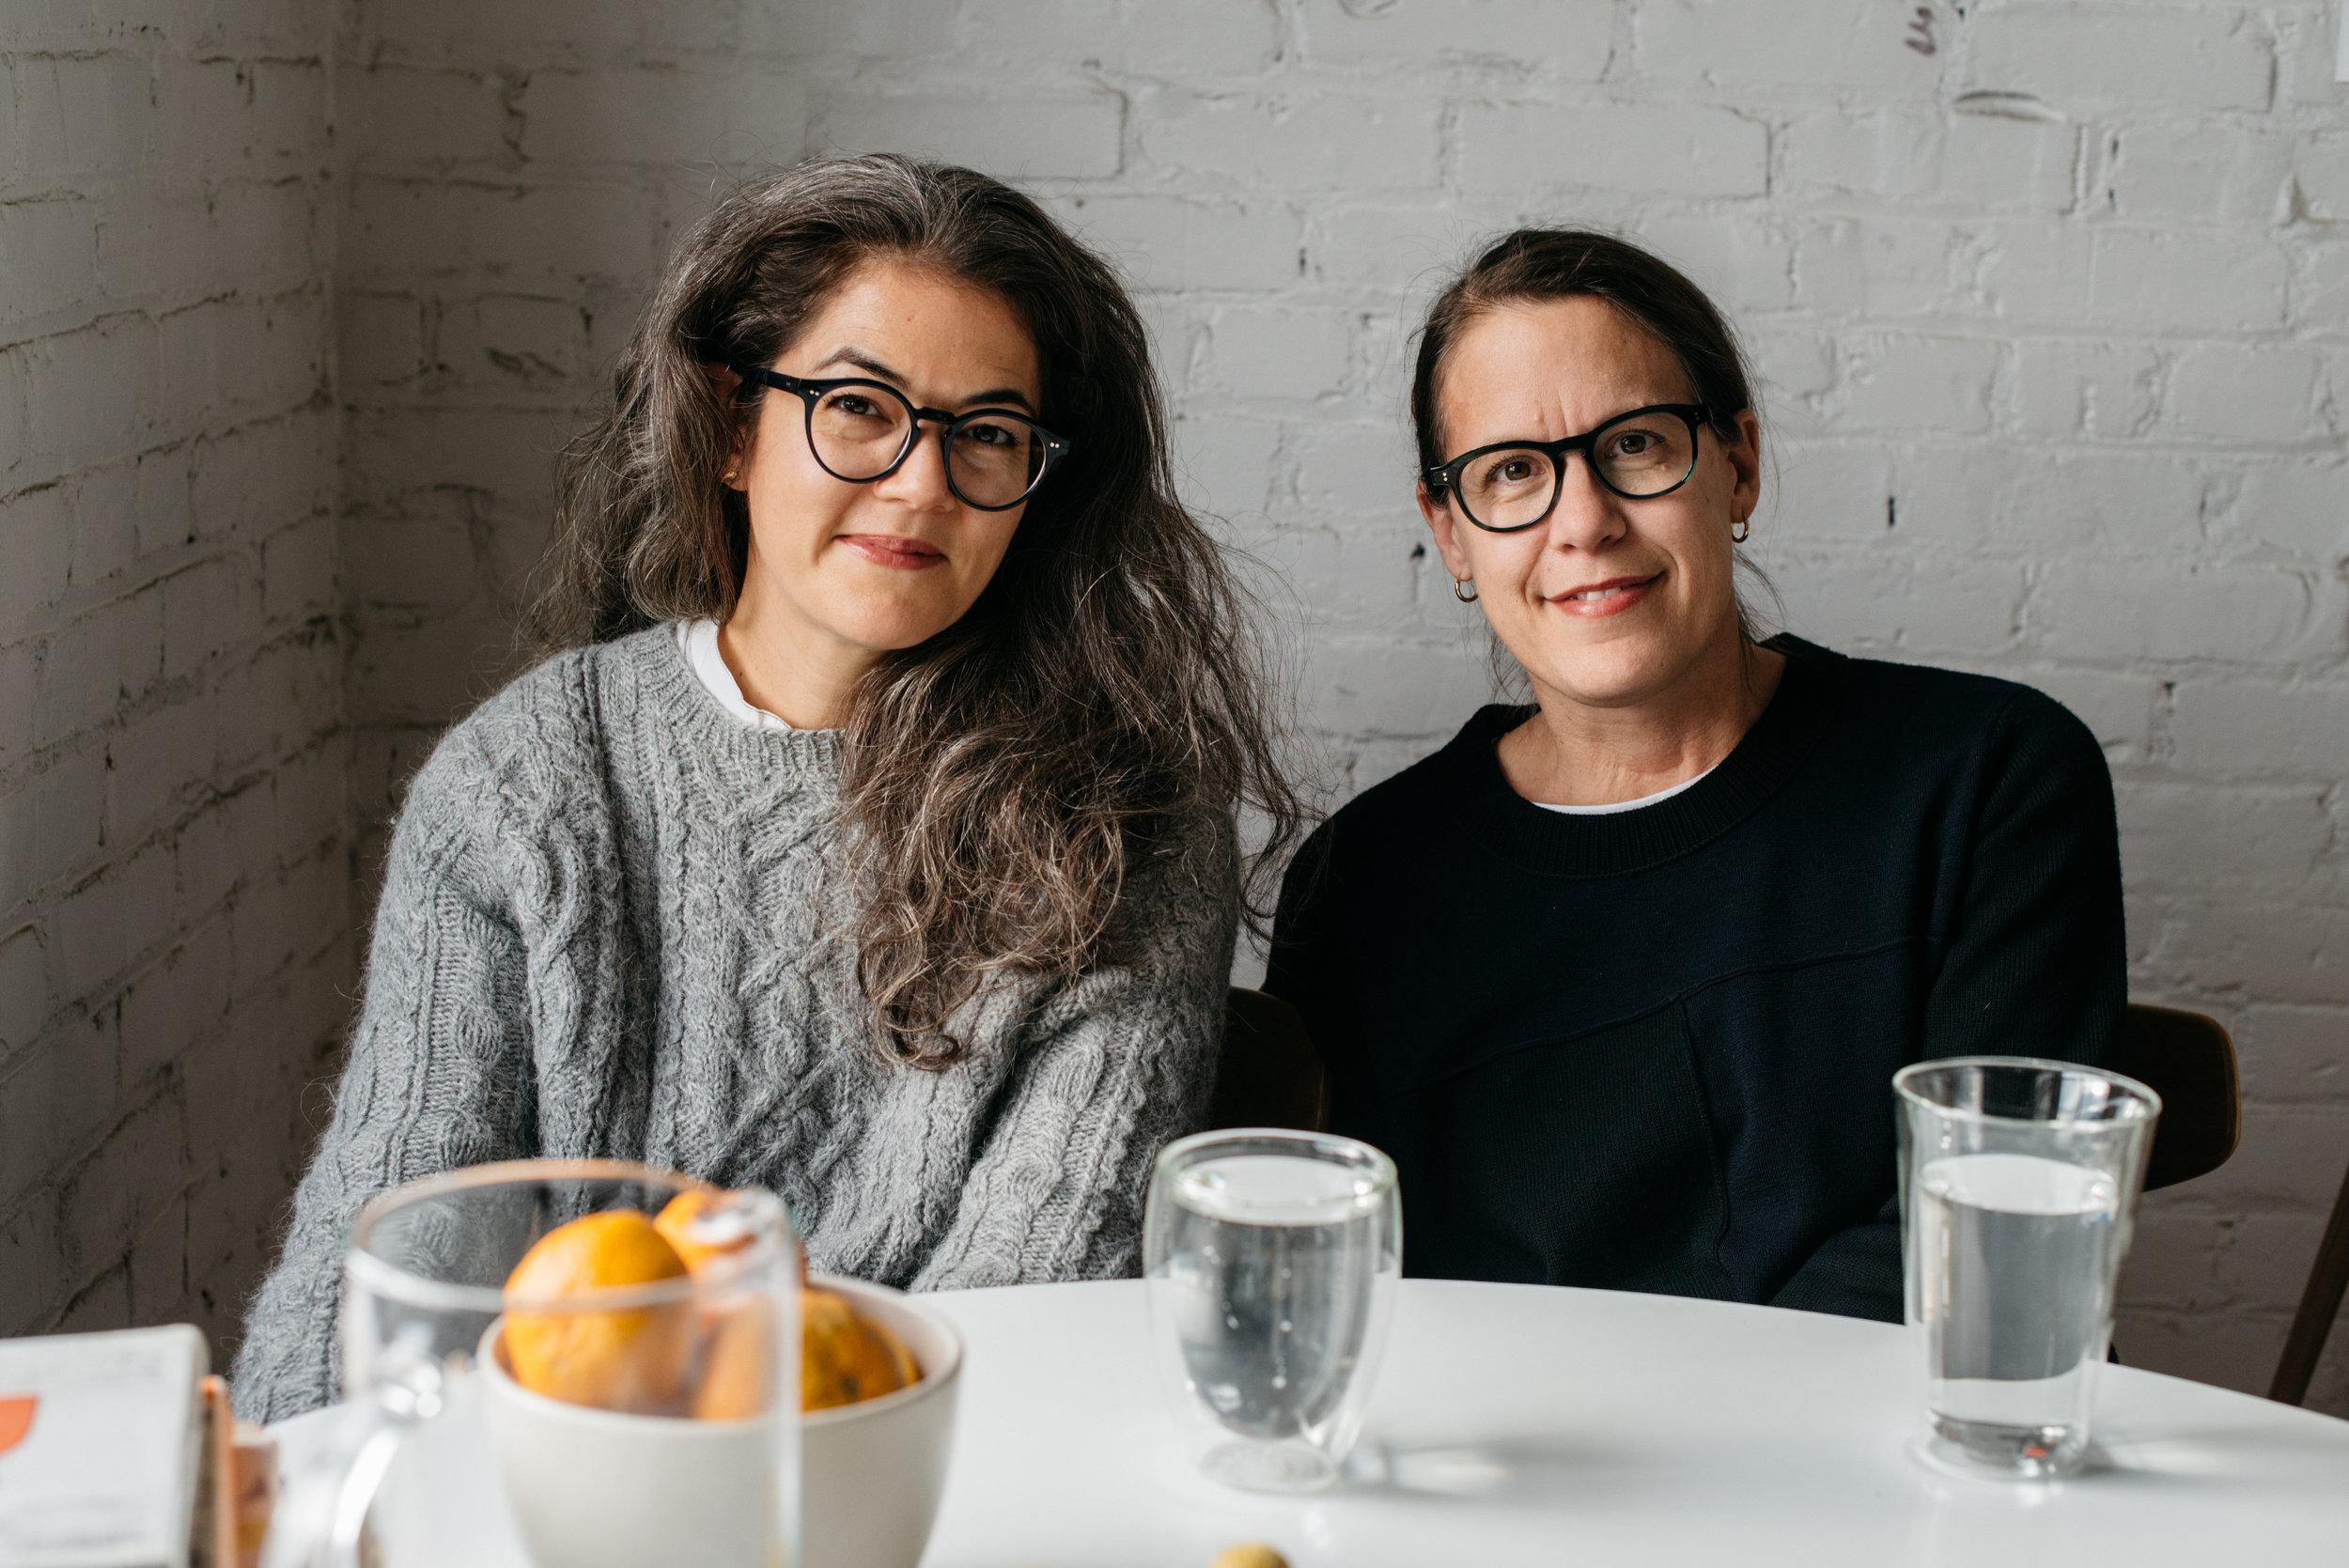 L-R: Kara Yanagawa and Tess Darrow (Founder) of Egg Press